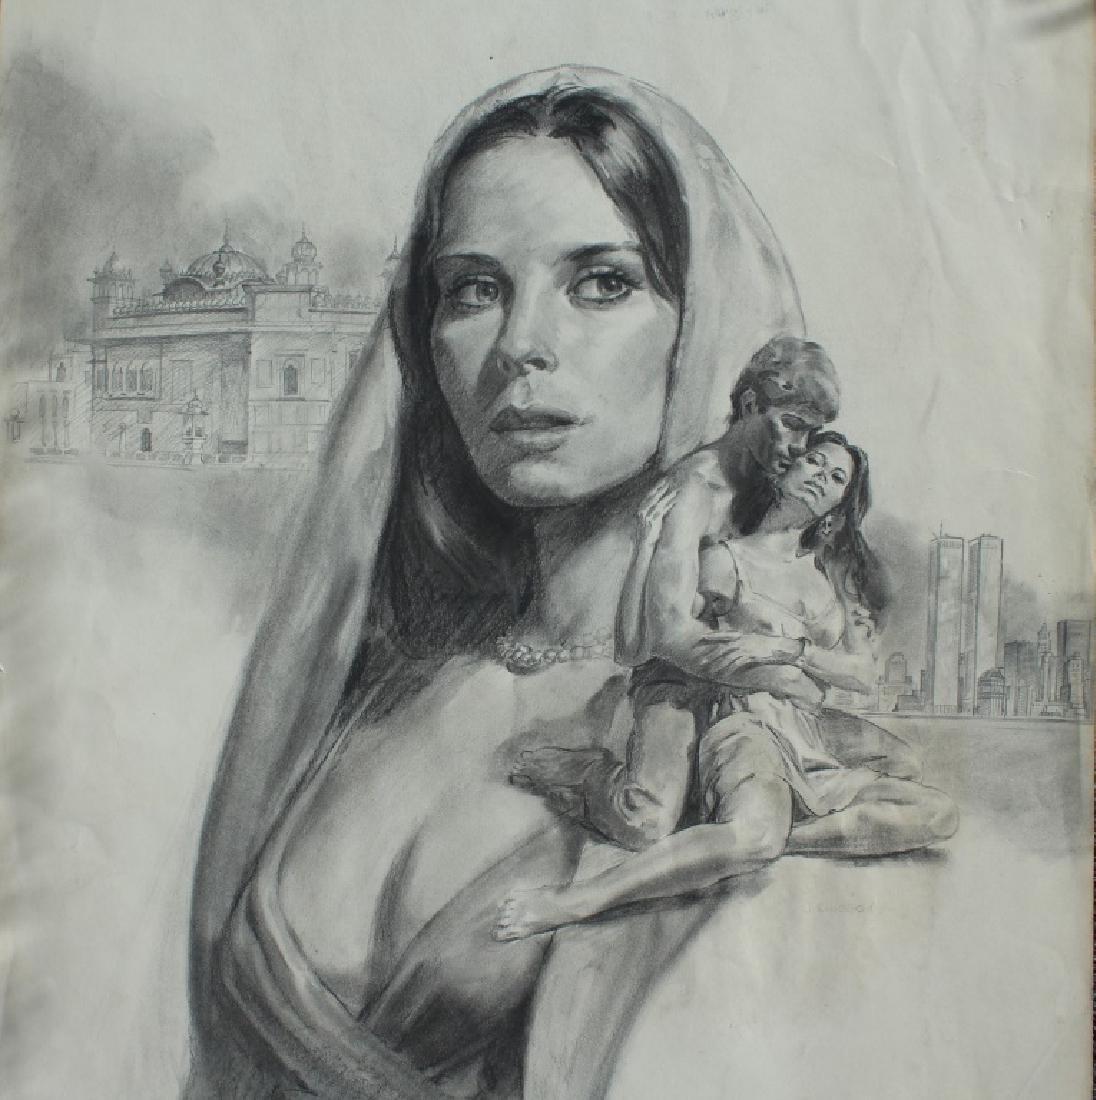 Joe Chiaco (Illustrator) - 9